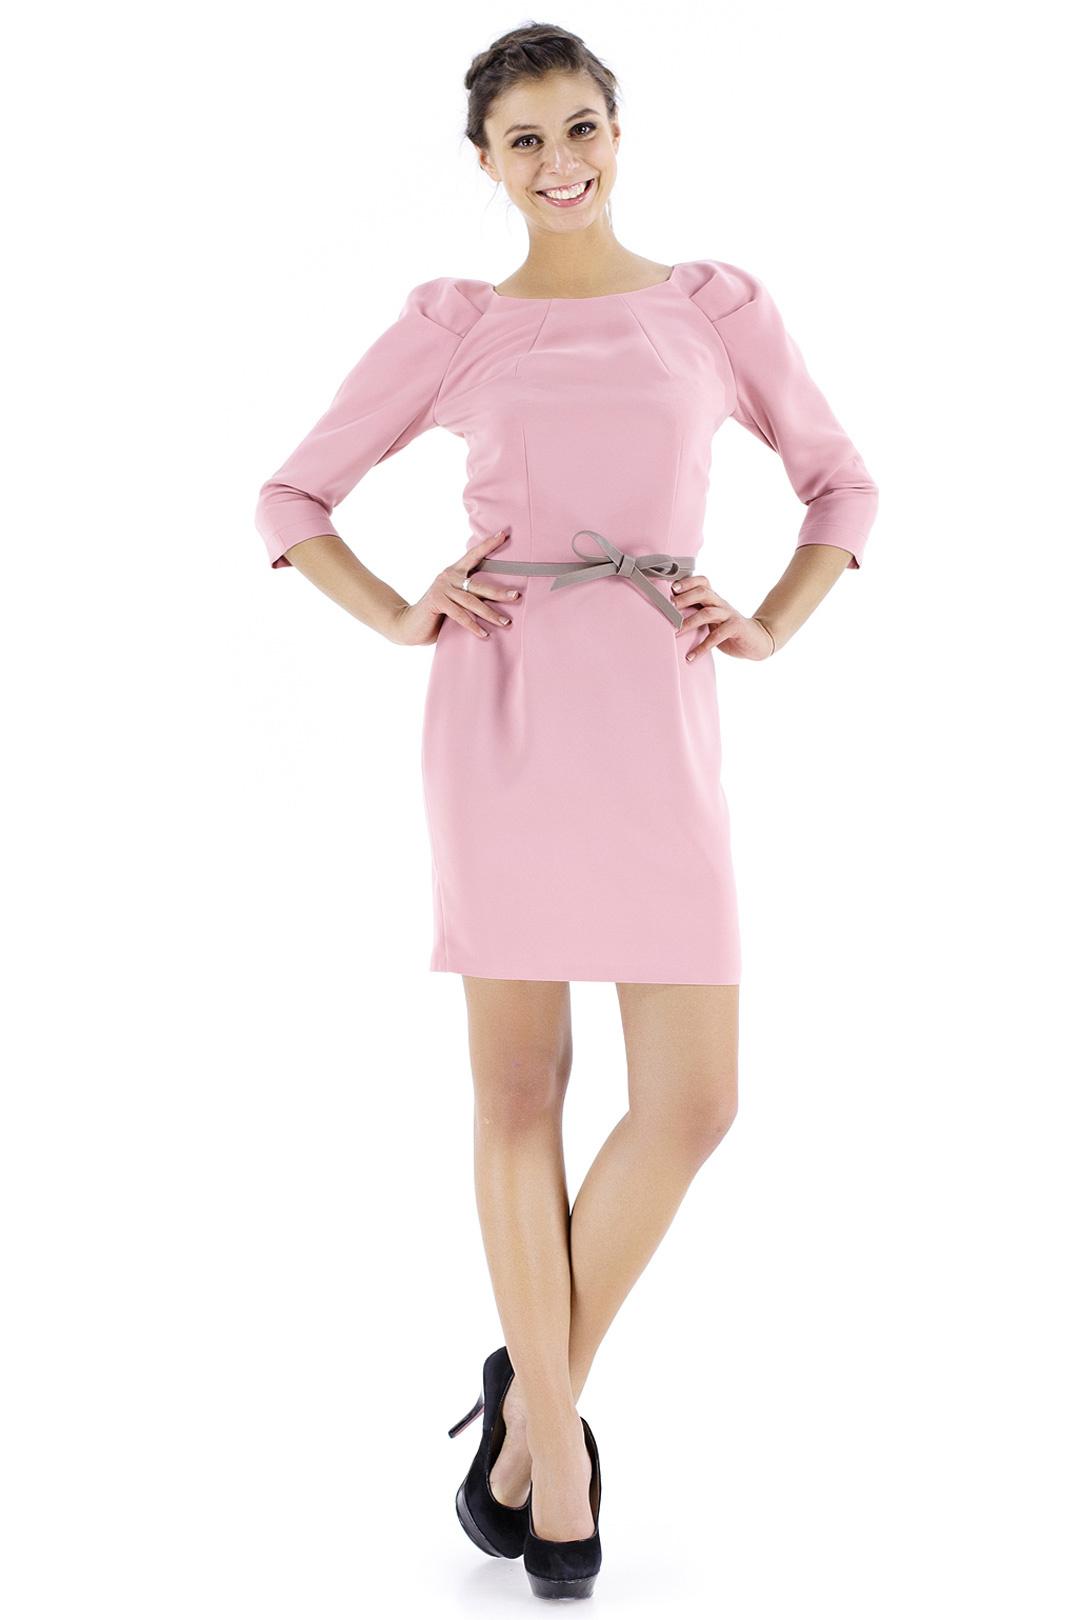 Evercode женская одежда, украинские бренды, покупай украинское